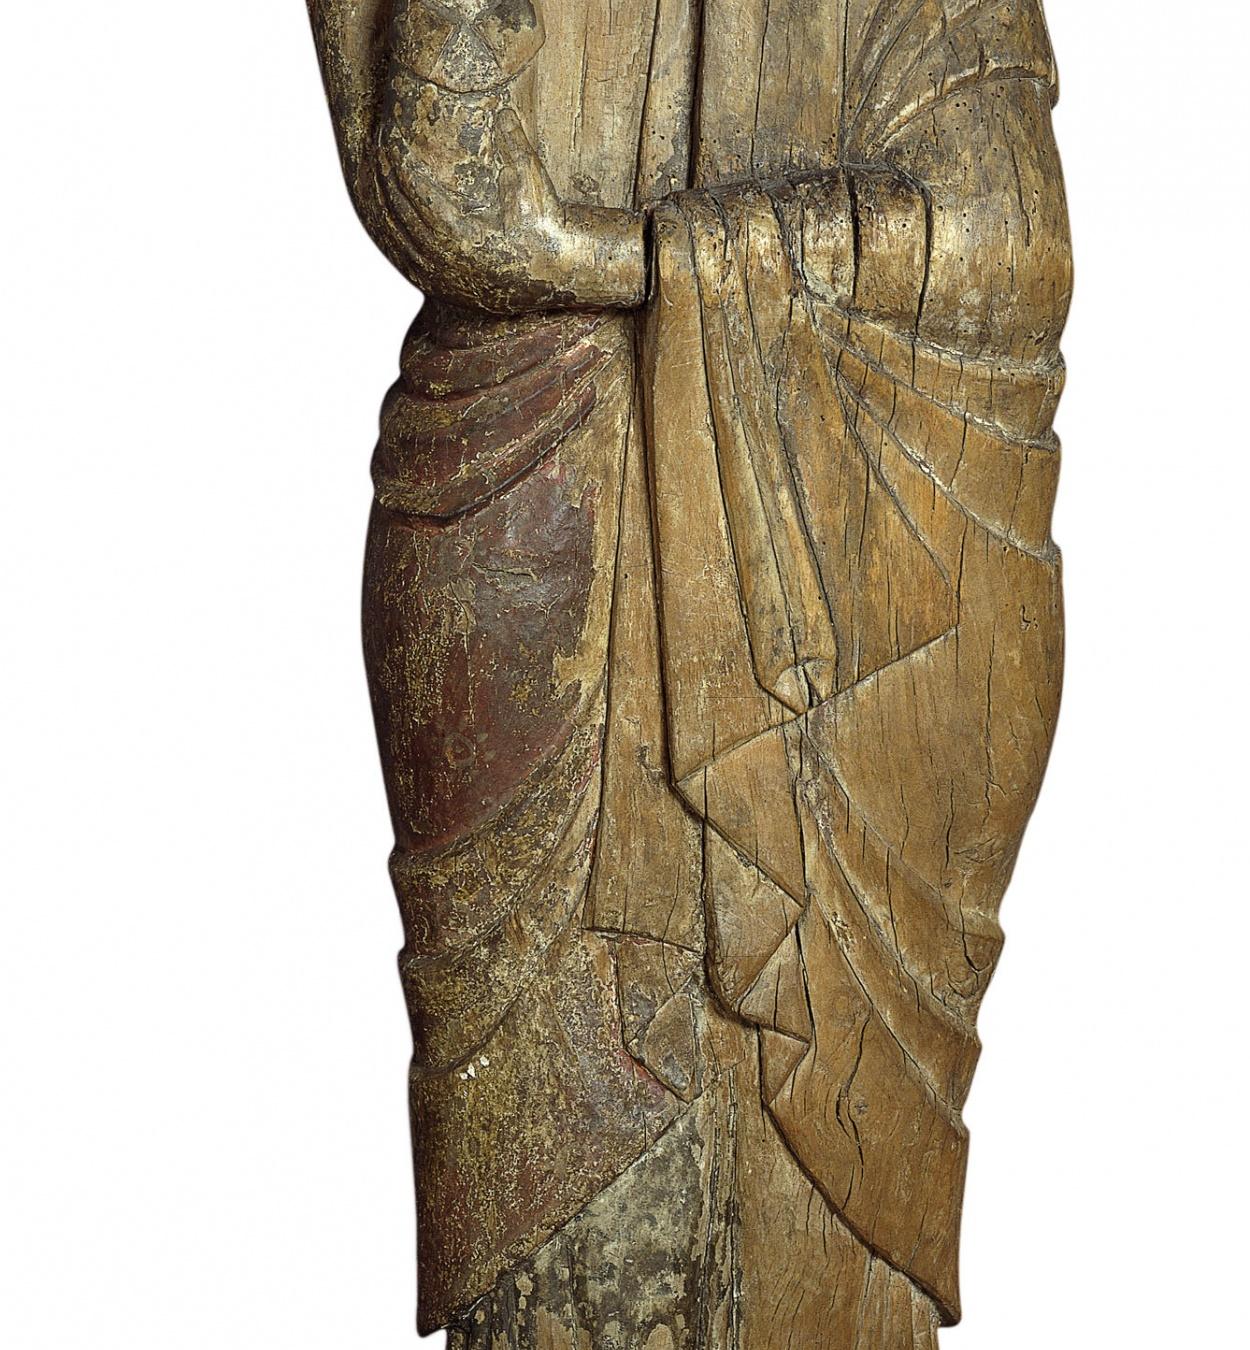 Anònim - Sant Joan del Davallament d'Erill la Vall - Segona meitat del segle XII